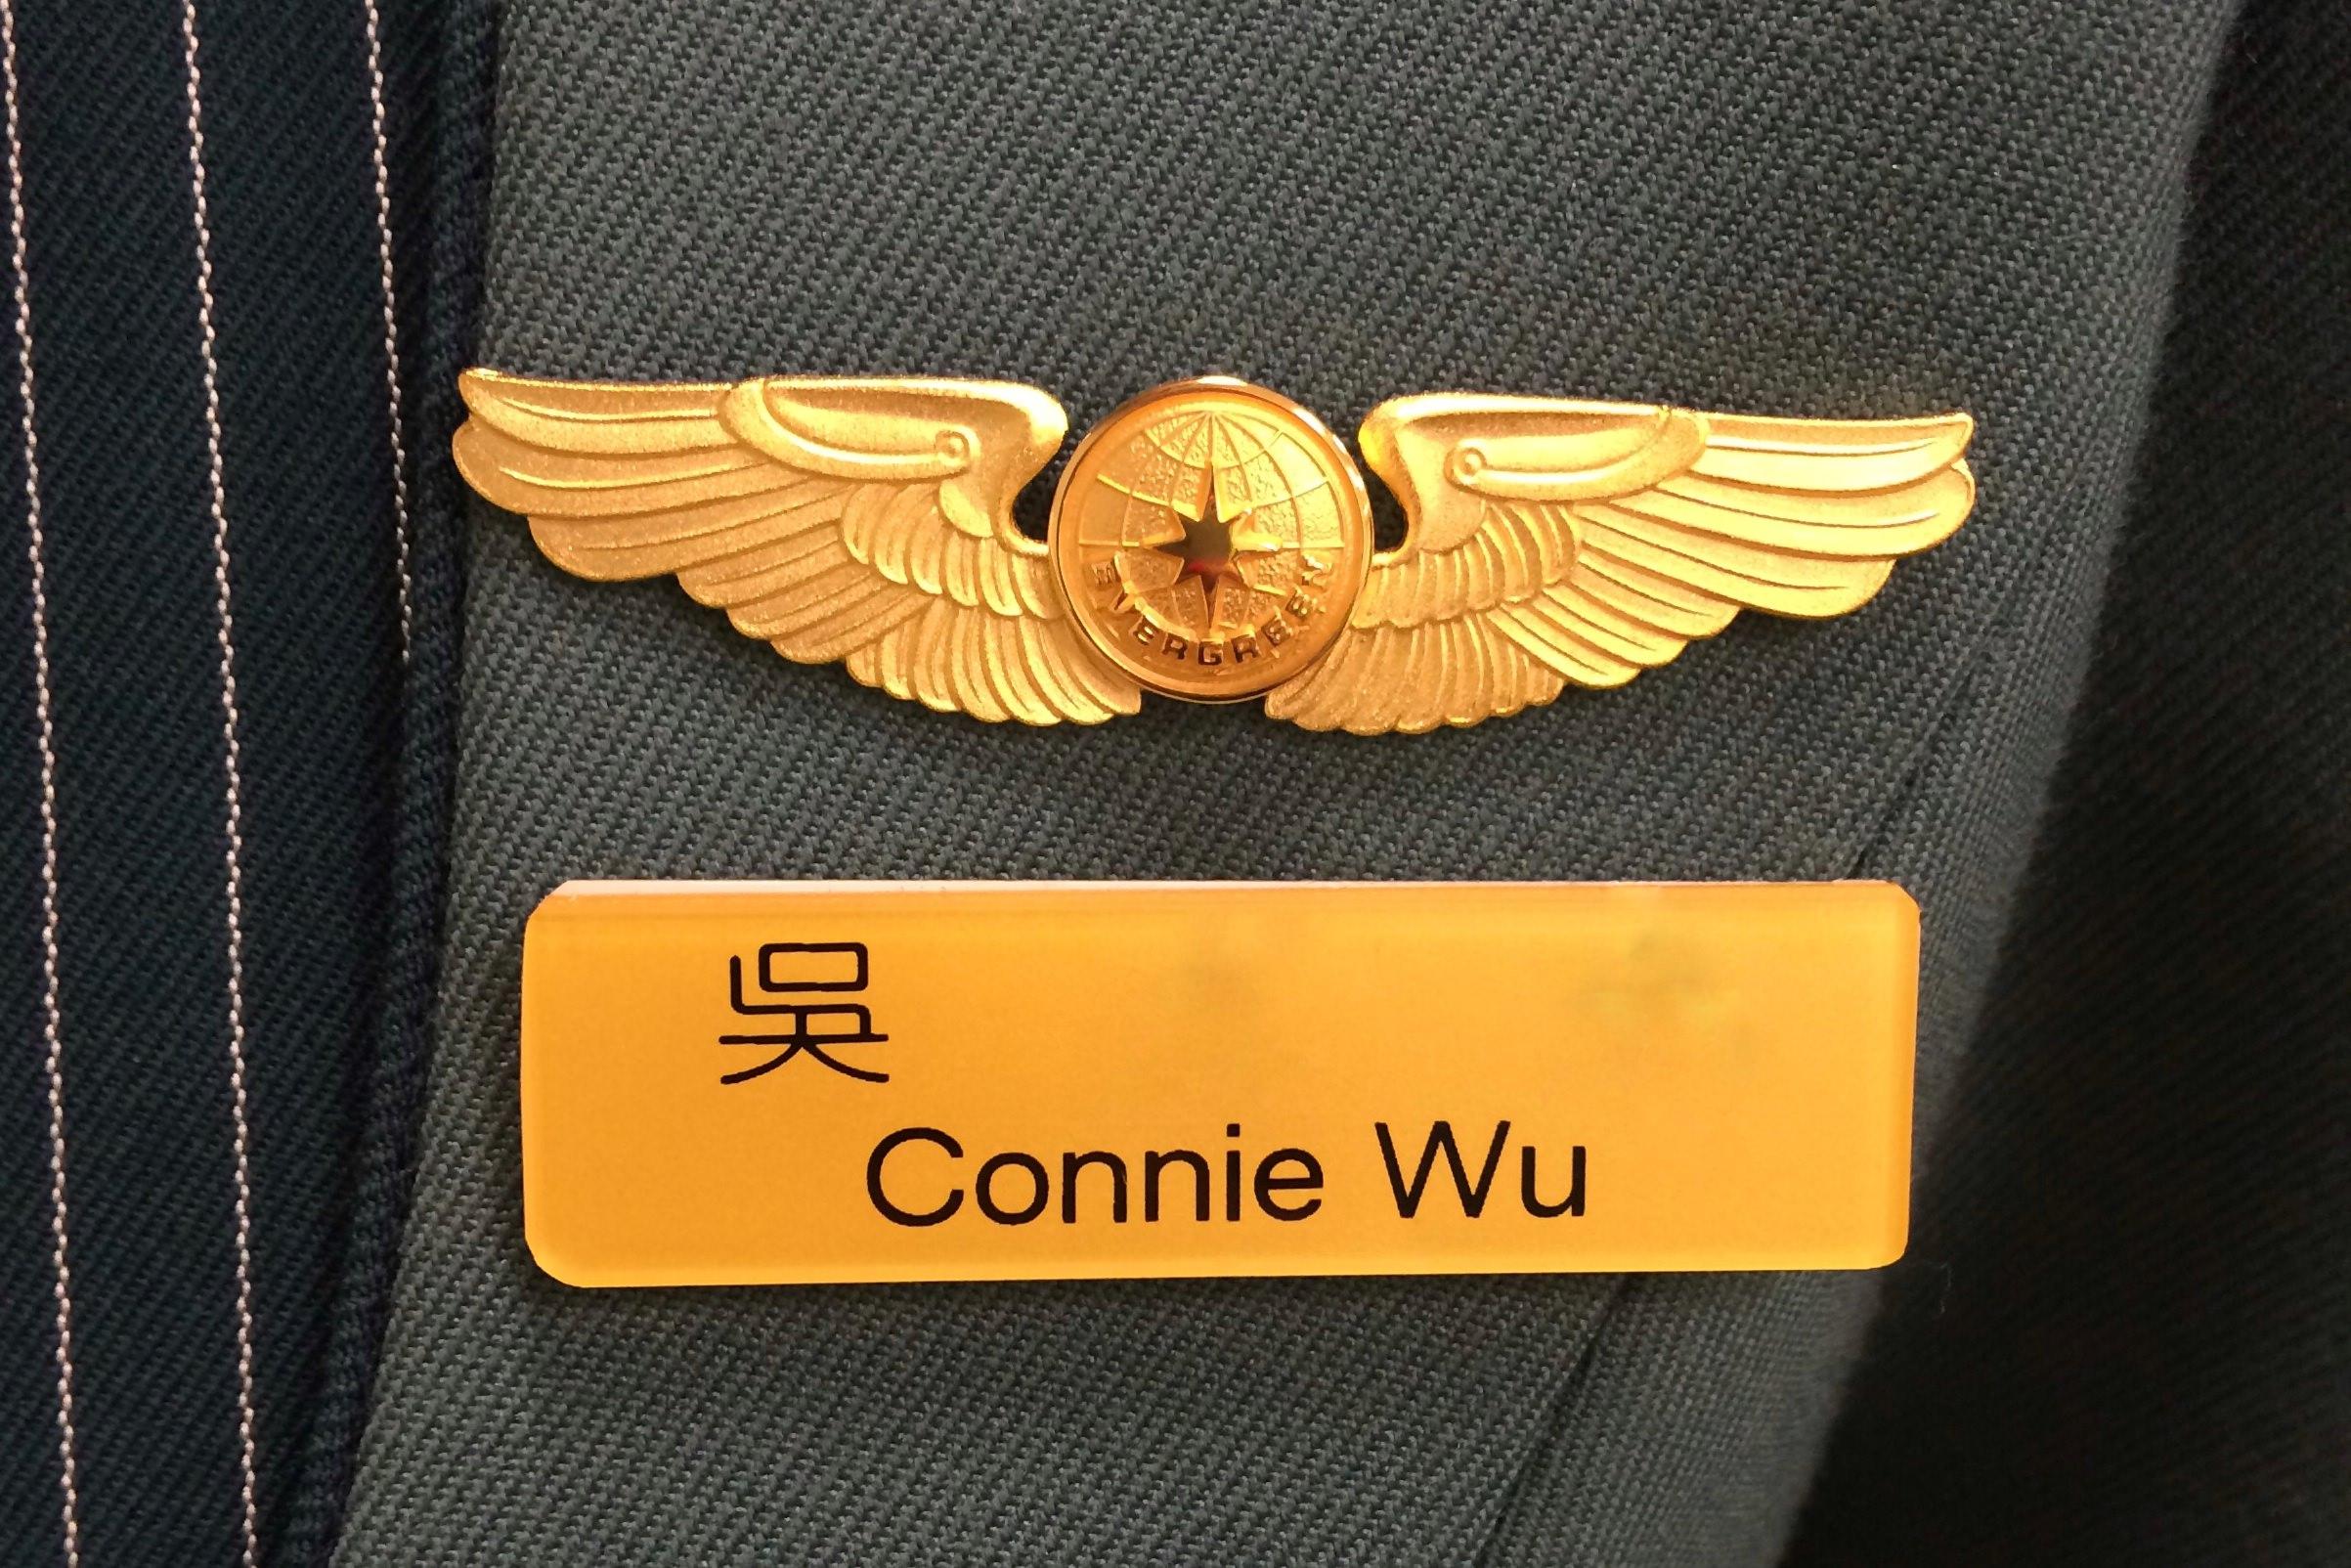 [ 空服員Q&A ] 關於綠色空姐『受訓』的第一百零一個問題 ♥ 小Connie愛夢遊